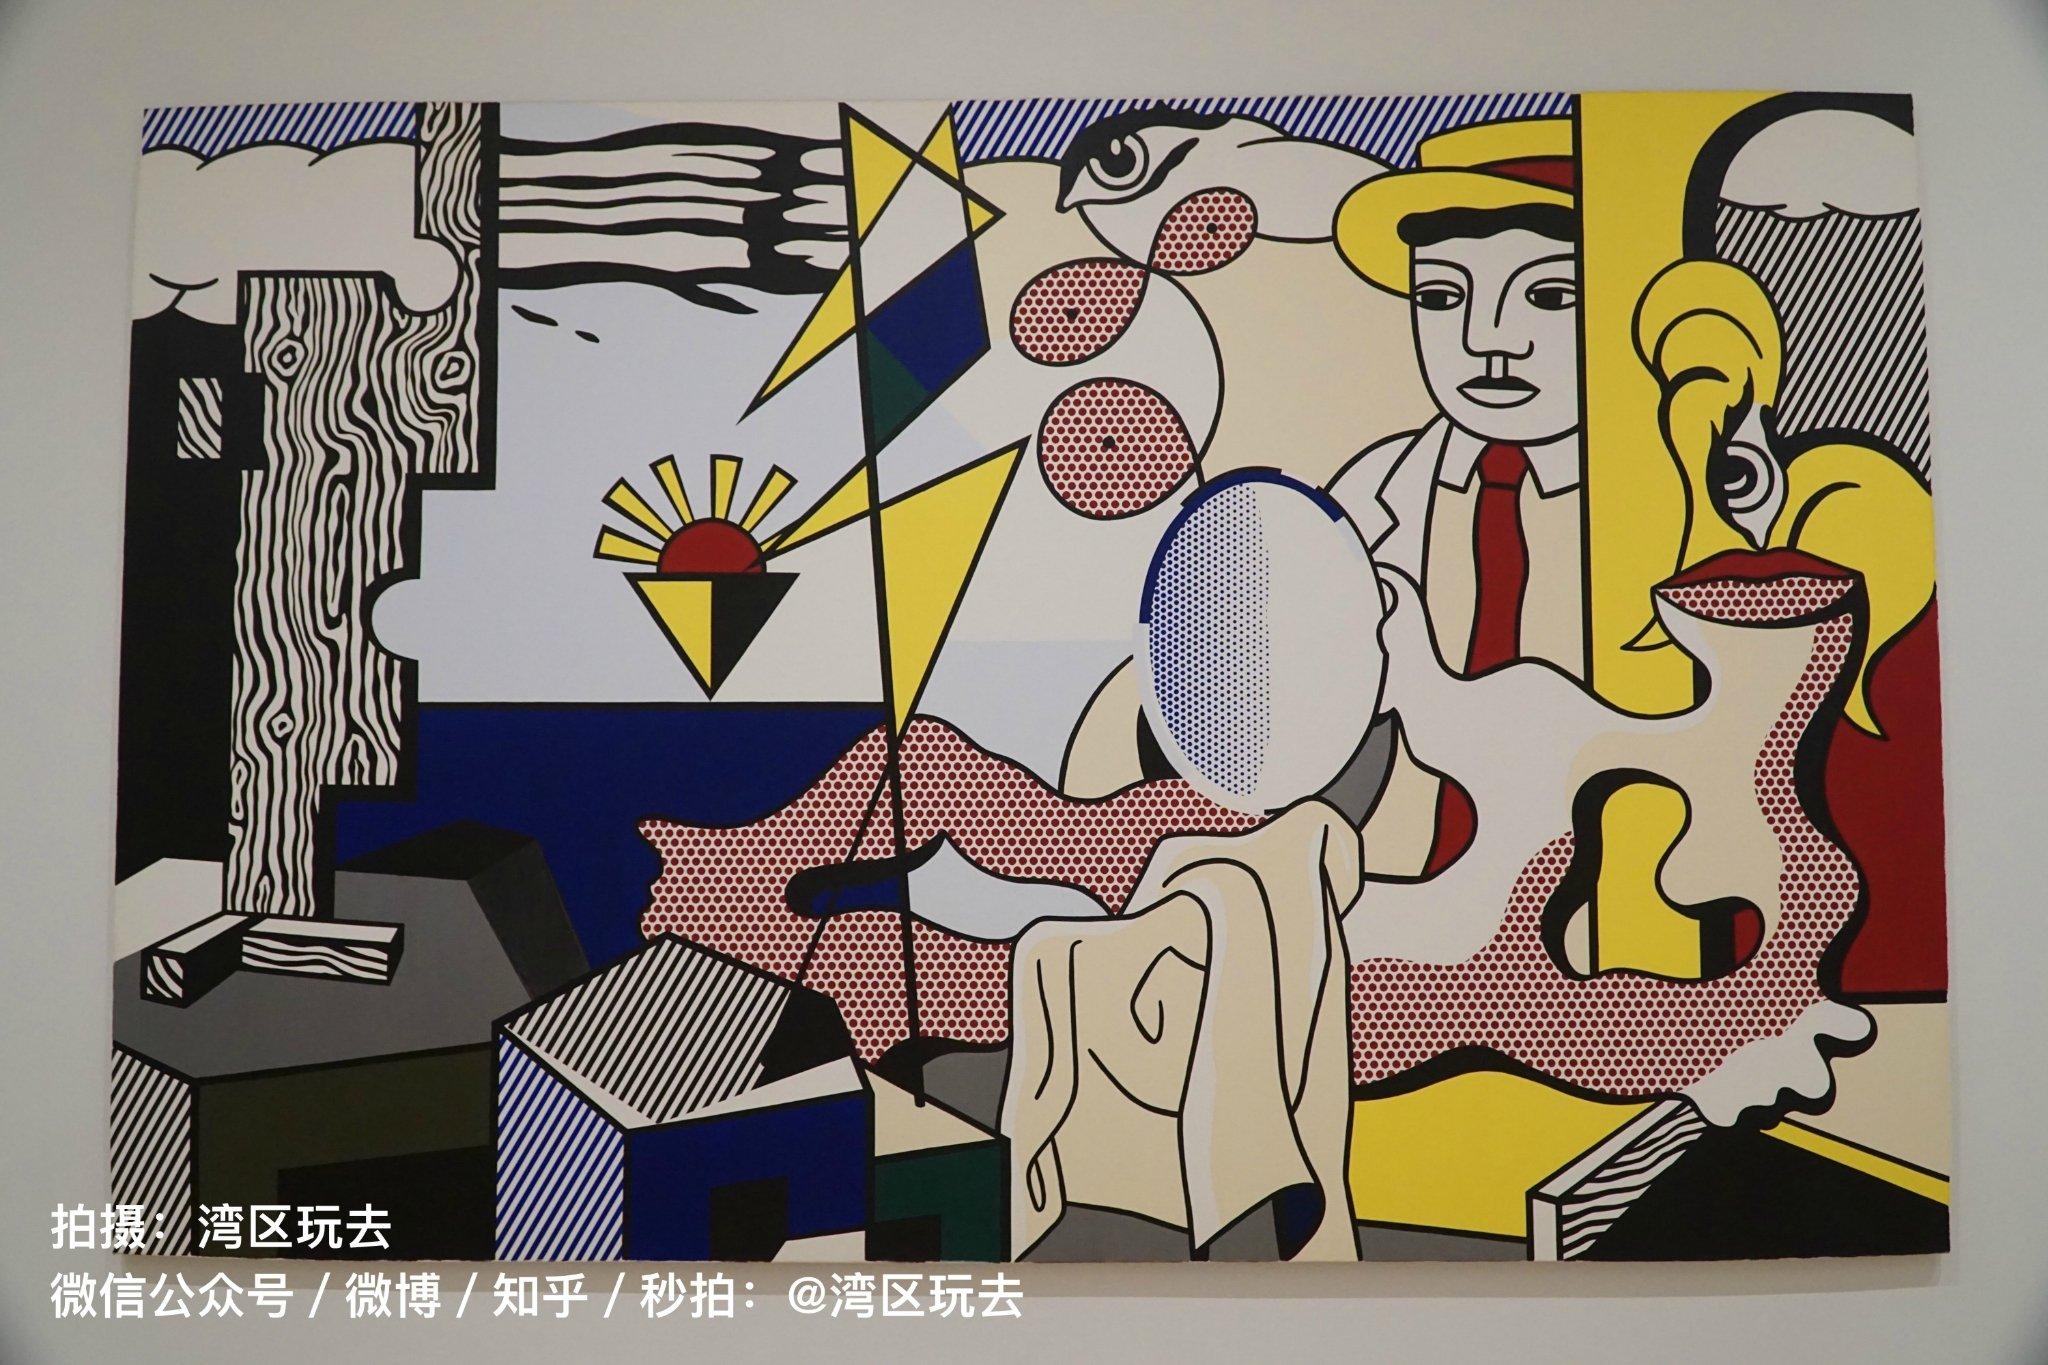 旧金山现代艺术博物馆:毕加索马蒂斯再配上米其林三星主厨,无法抗拒~